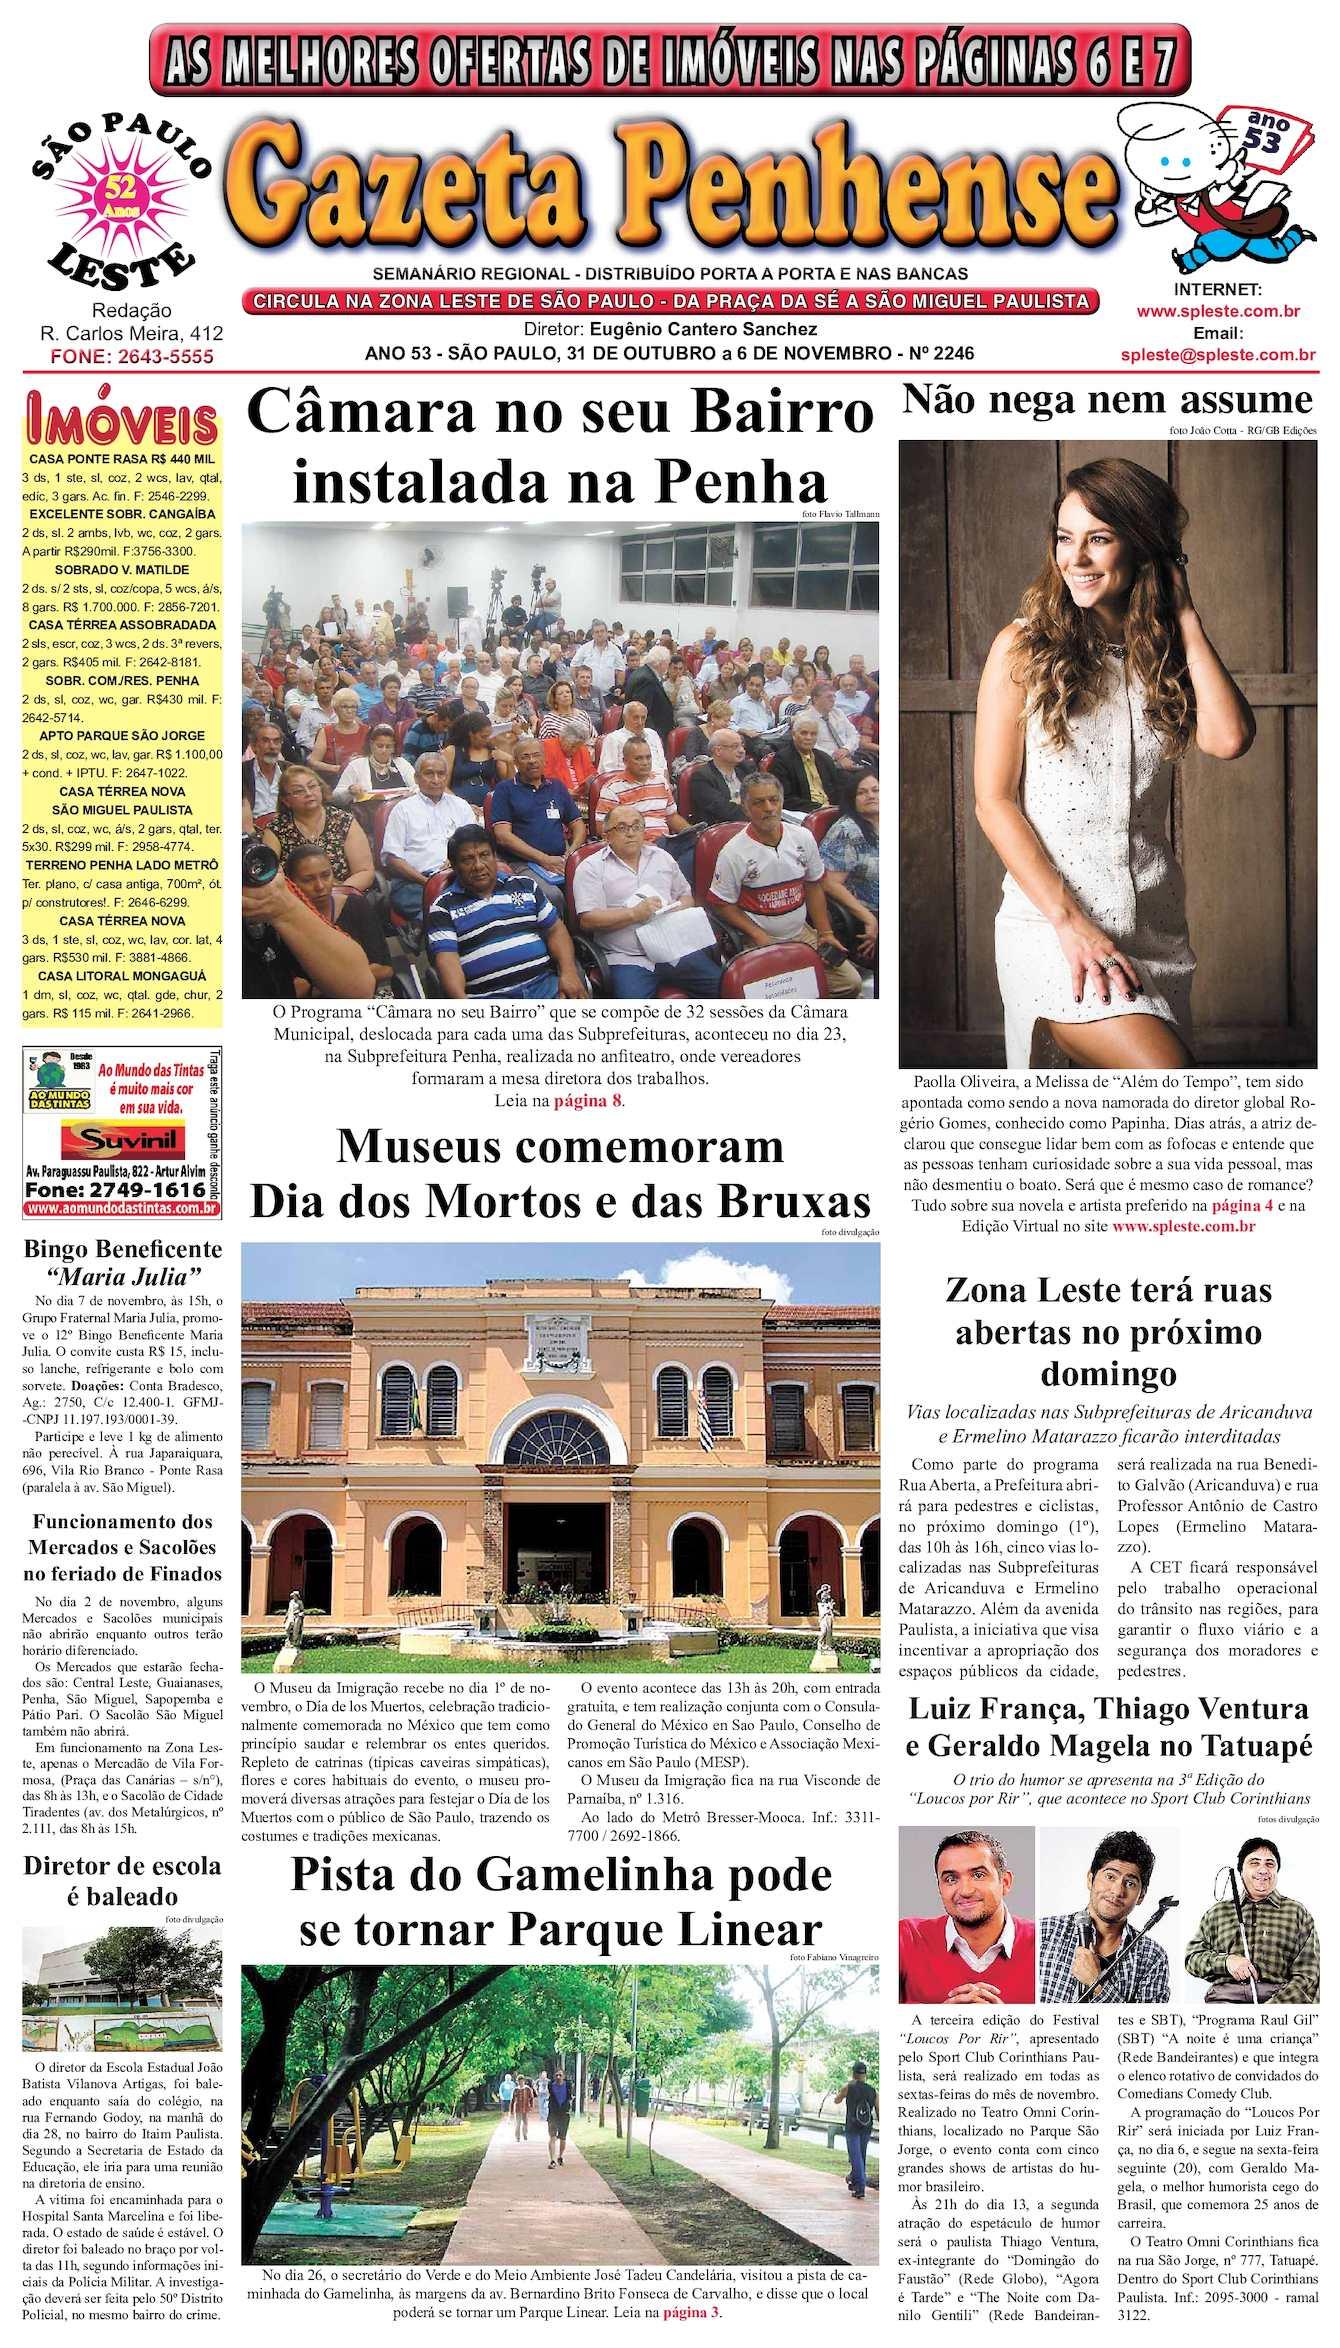 a0c90fc199 Calaméo - Gazeta Penhense - edição 2246 31.10 a 6.11.15